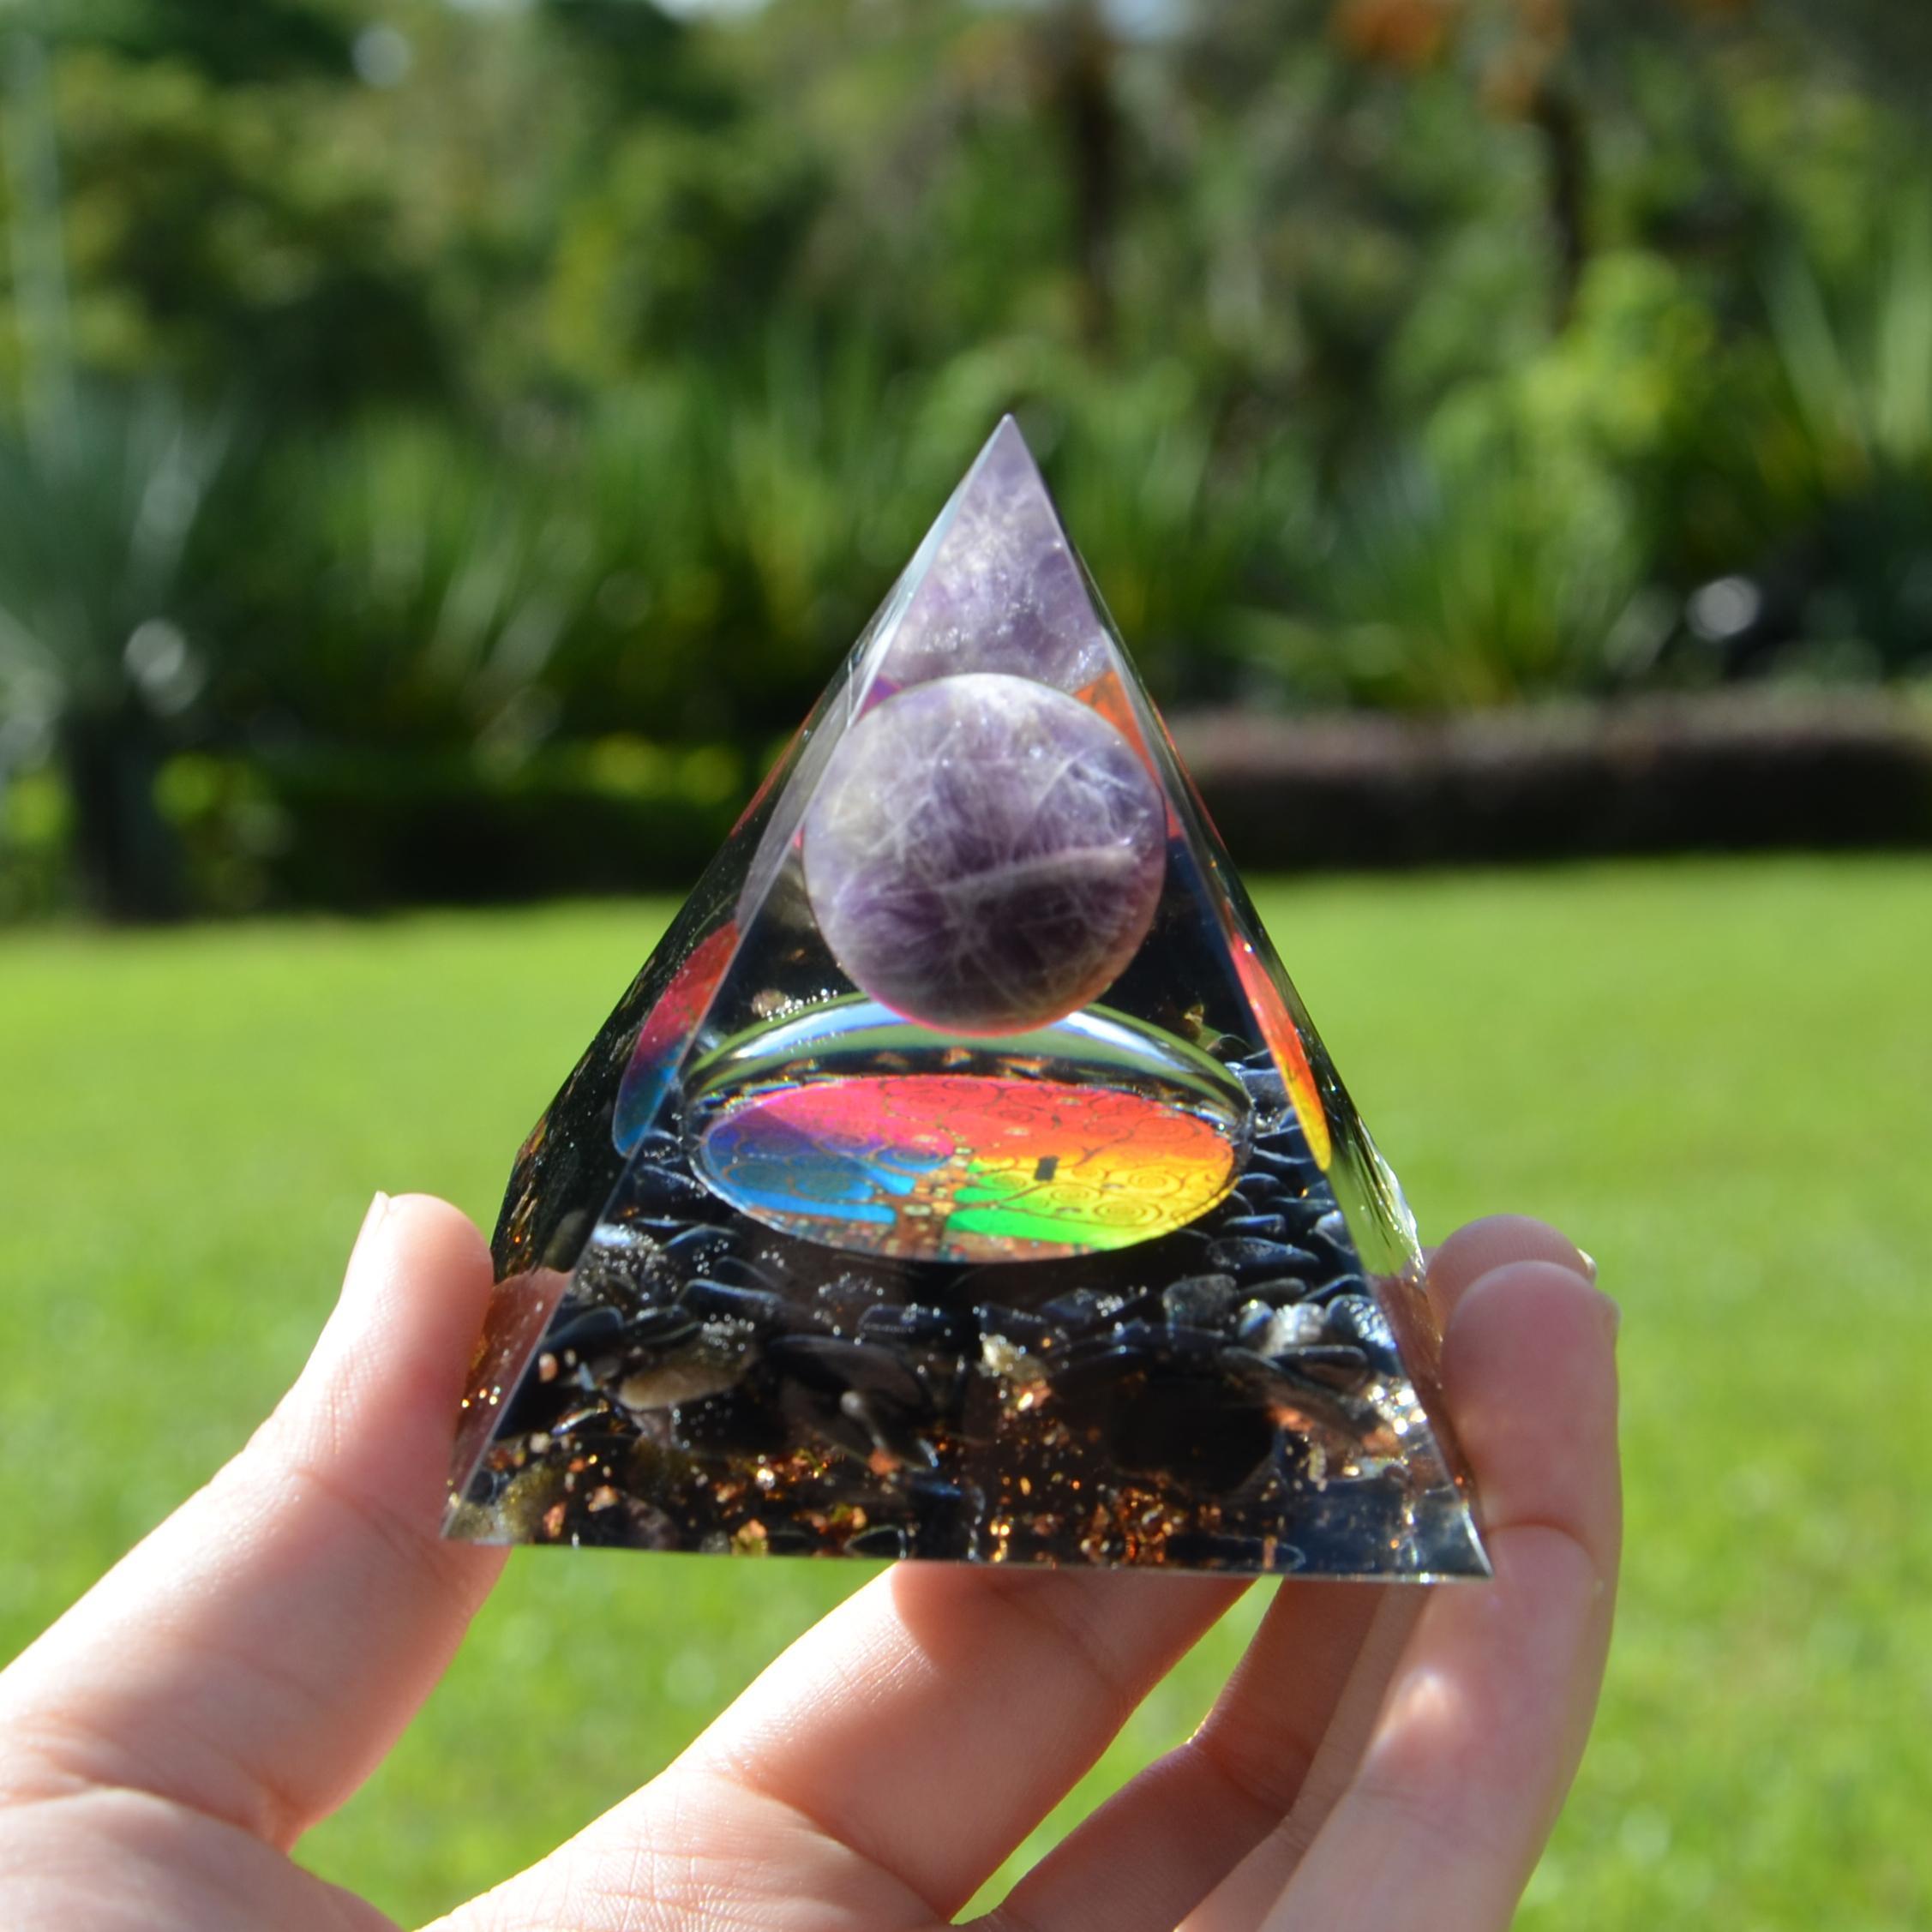 Árbol colorido de la magia de la vida amatista Esfera Con Obsidiana pirámide de cristal, curativo de la meditación Chakra herramienta Orgón Pirámide